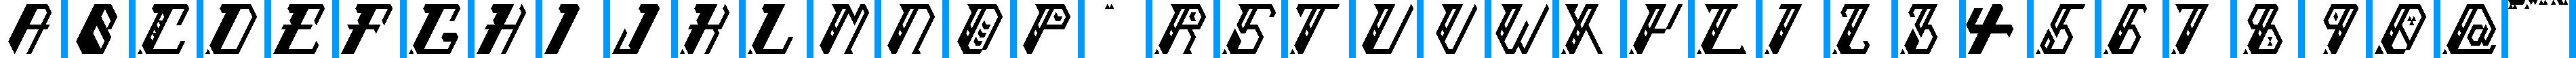 Particip-a-type v.294